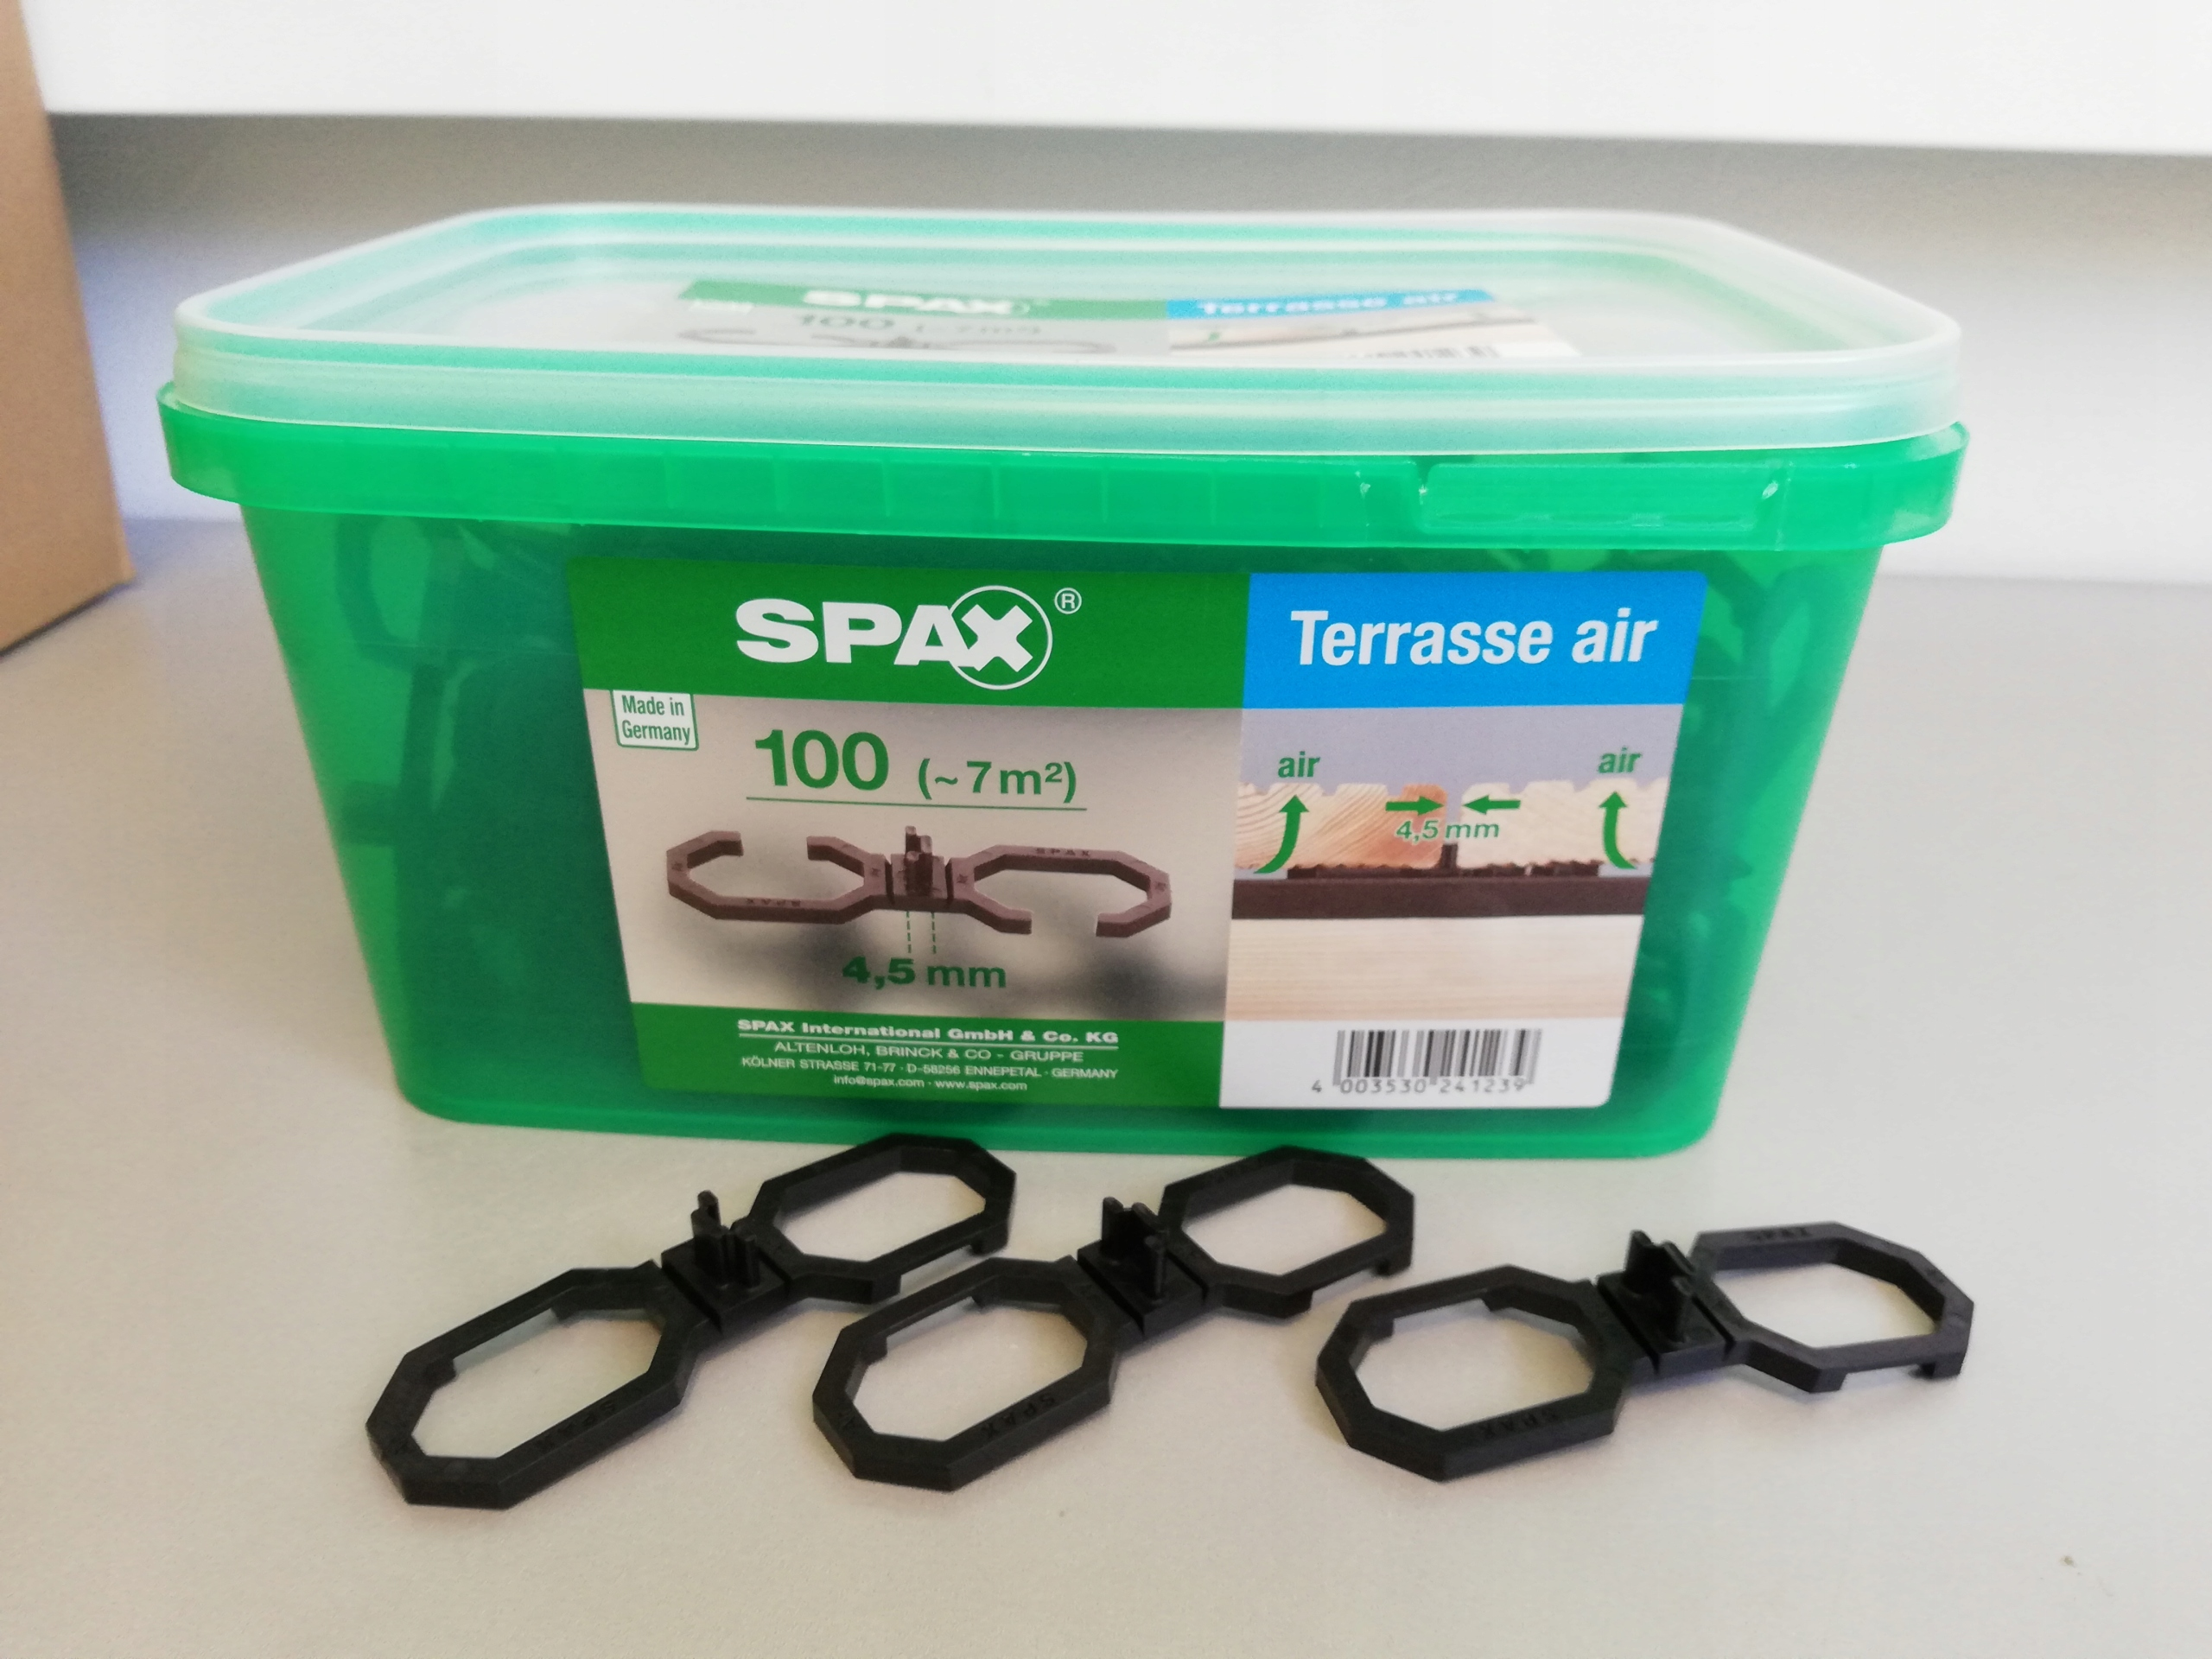 Podkładki Spax Air 45mm Pod Deski Tarasowe 100szt